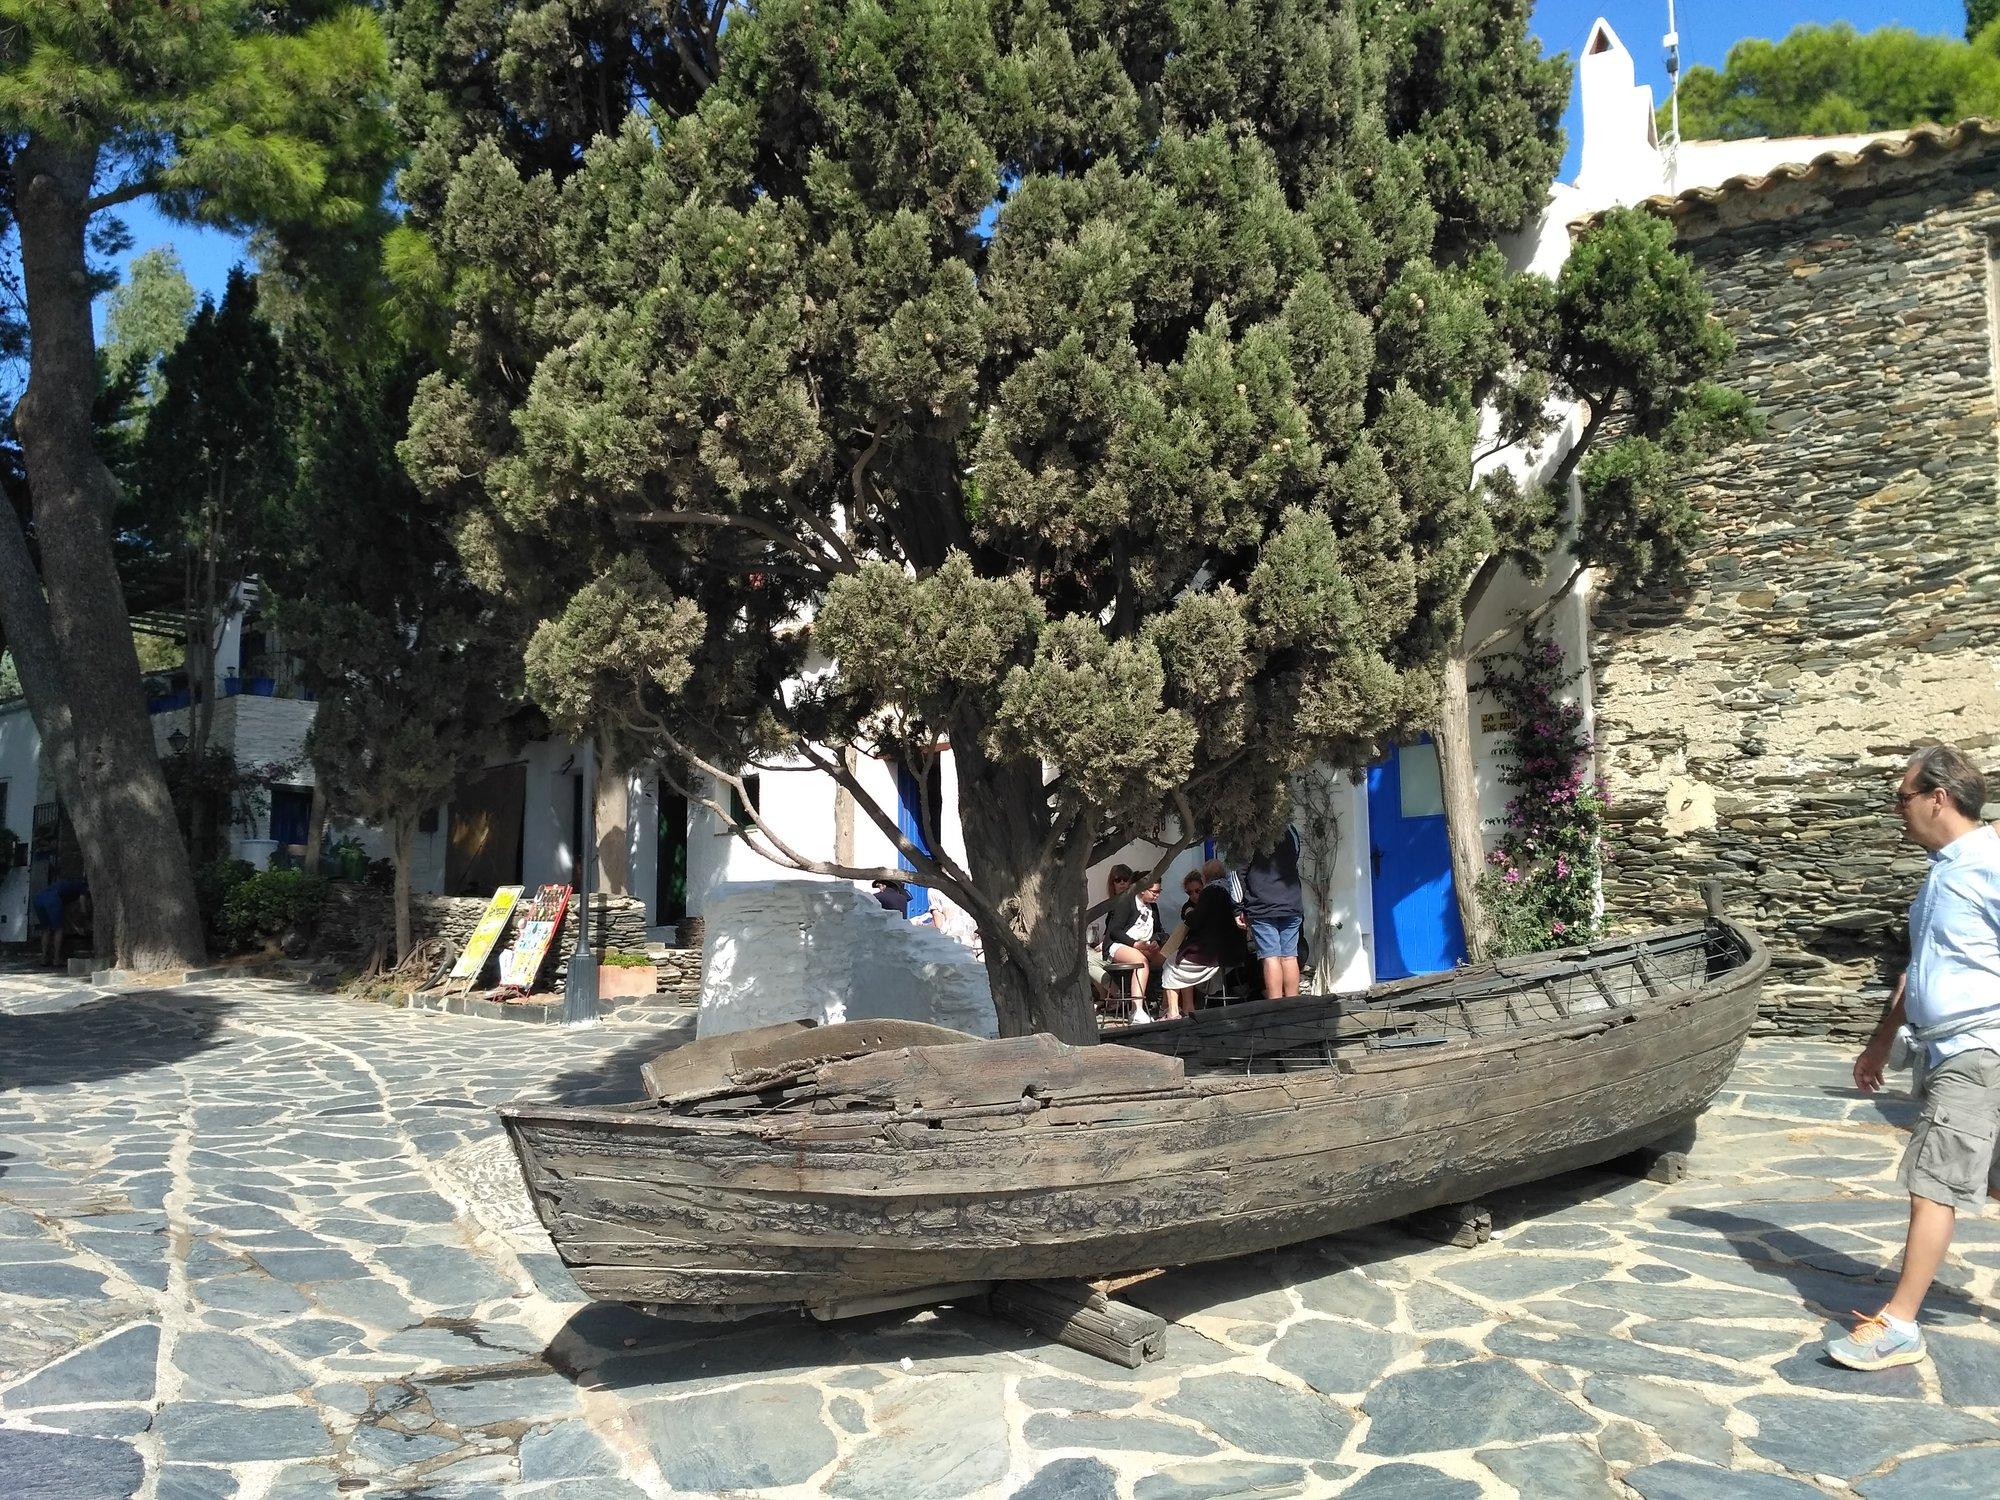 Dalího dům v Cadaqués